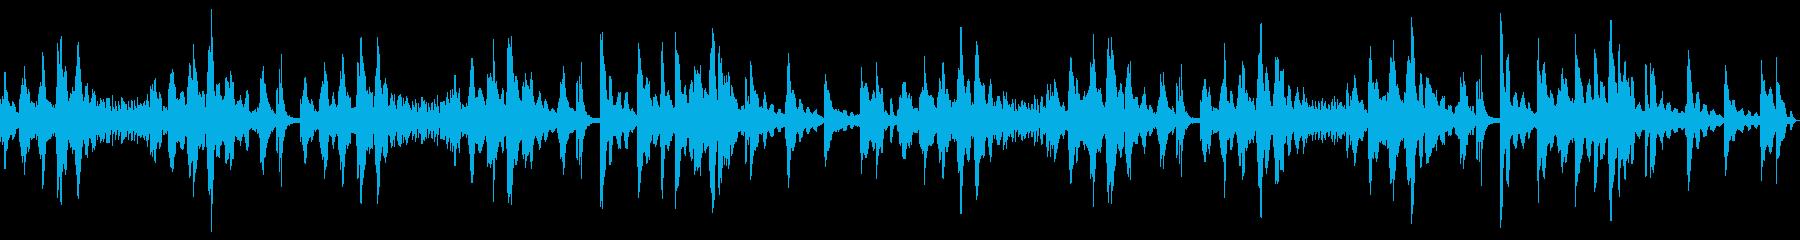 【ピアノソロ】優しく奏でるピアノBGMの再生済みの波形